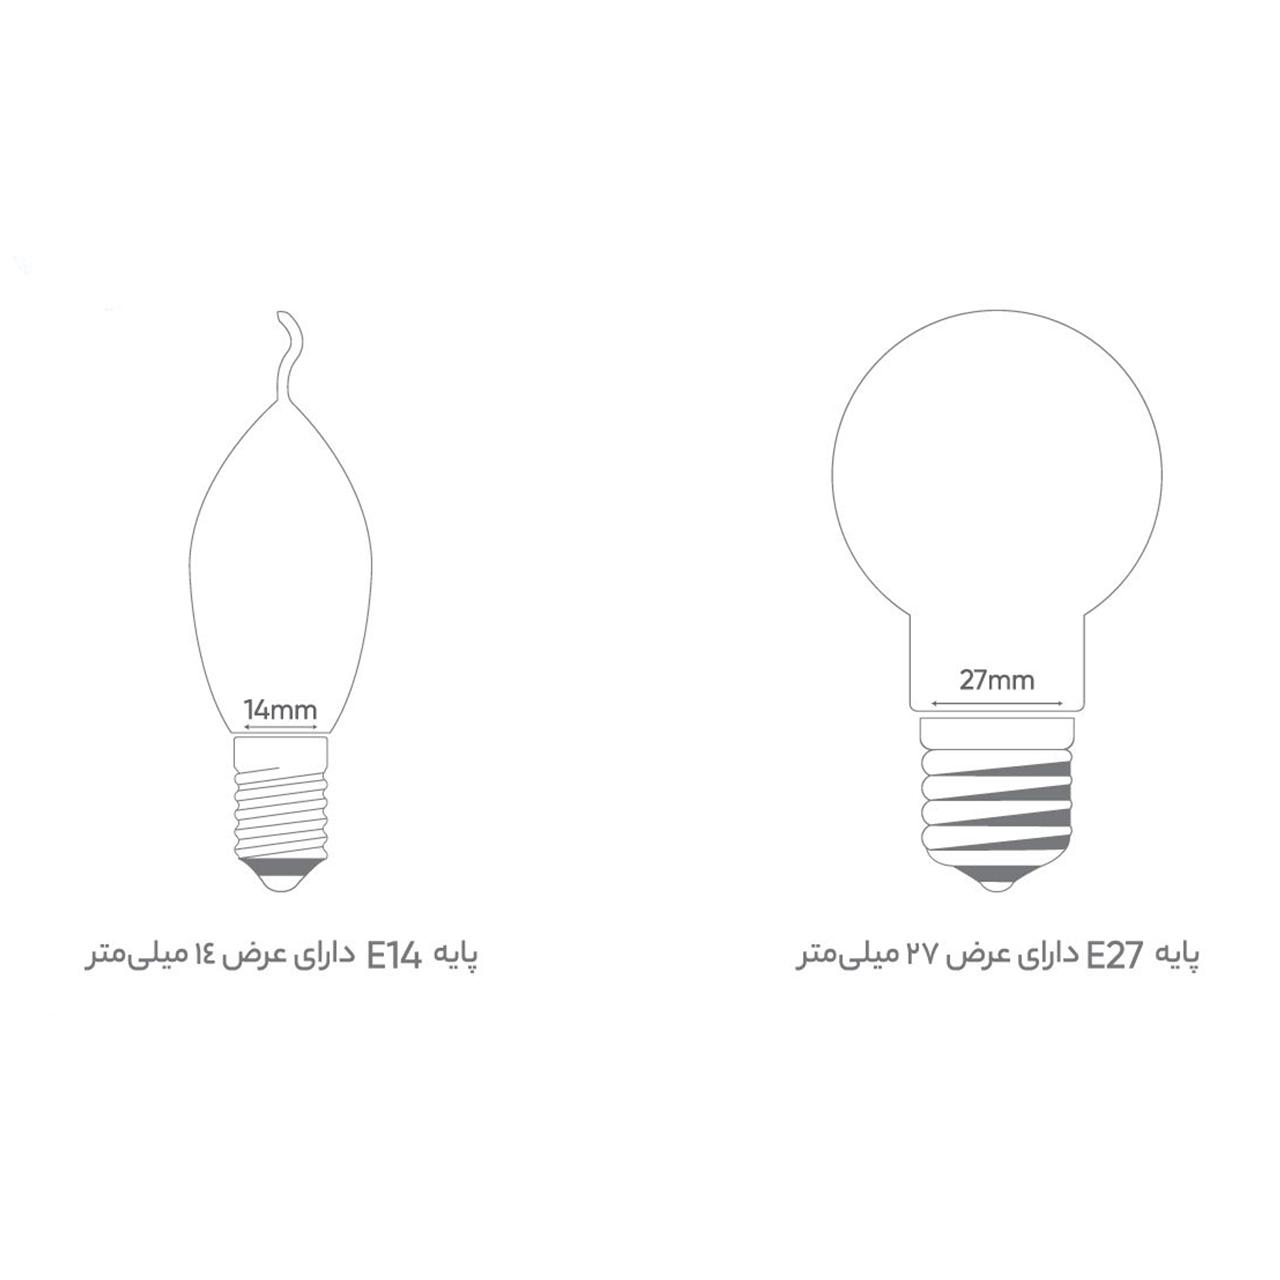 لامپ ال ای دی 9 وات لیتومکس مدل 001 پایه E27 بسته 3 عددی main 1 2